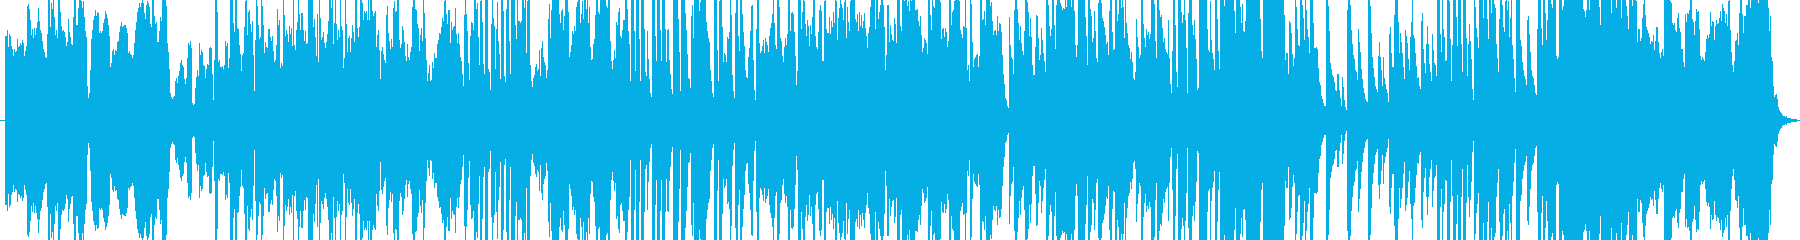 穏やかでゆるやかに流れる時間を表現した曲の再生済みの波形